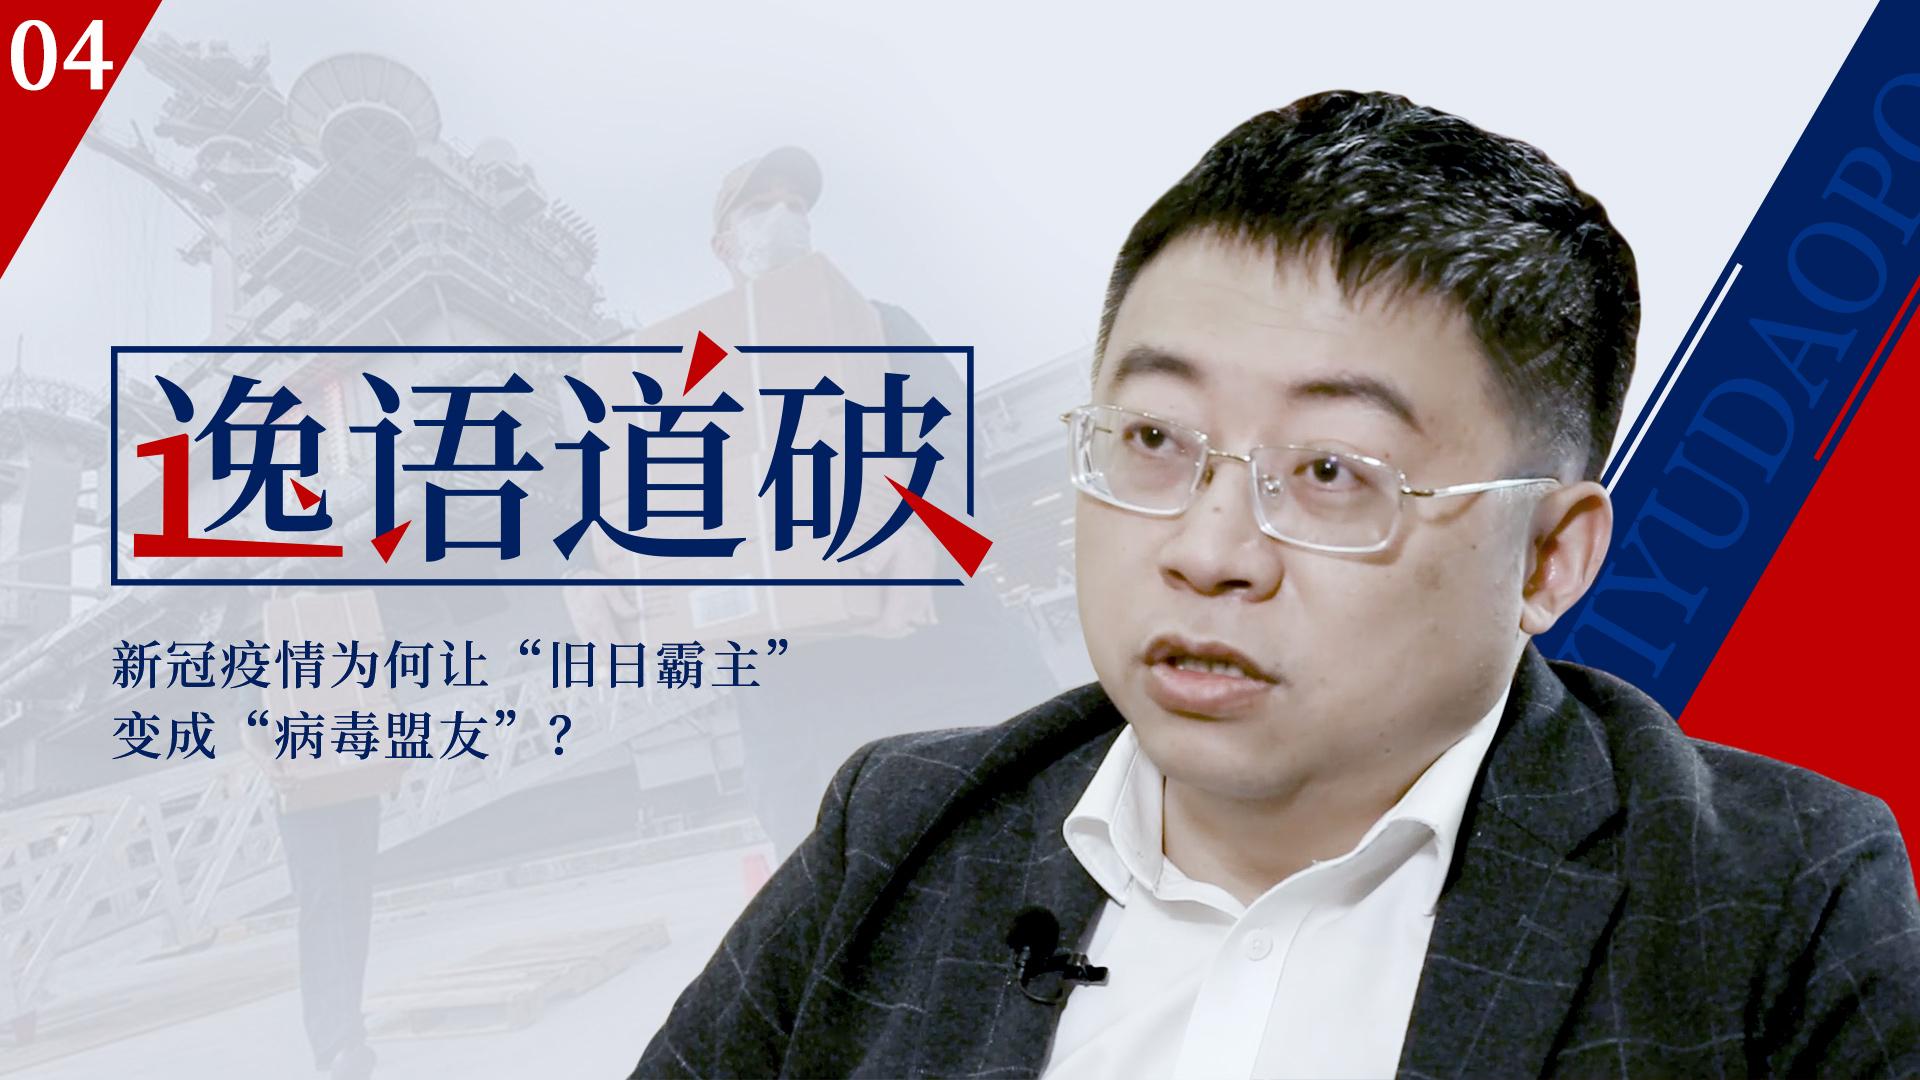 """【逸语道破04】新冠疫情为何让""""旧日霸主""""变成""""病毒盟友""""?"""